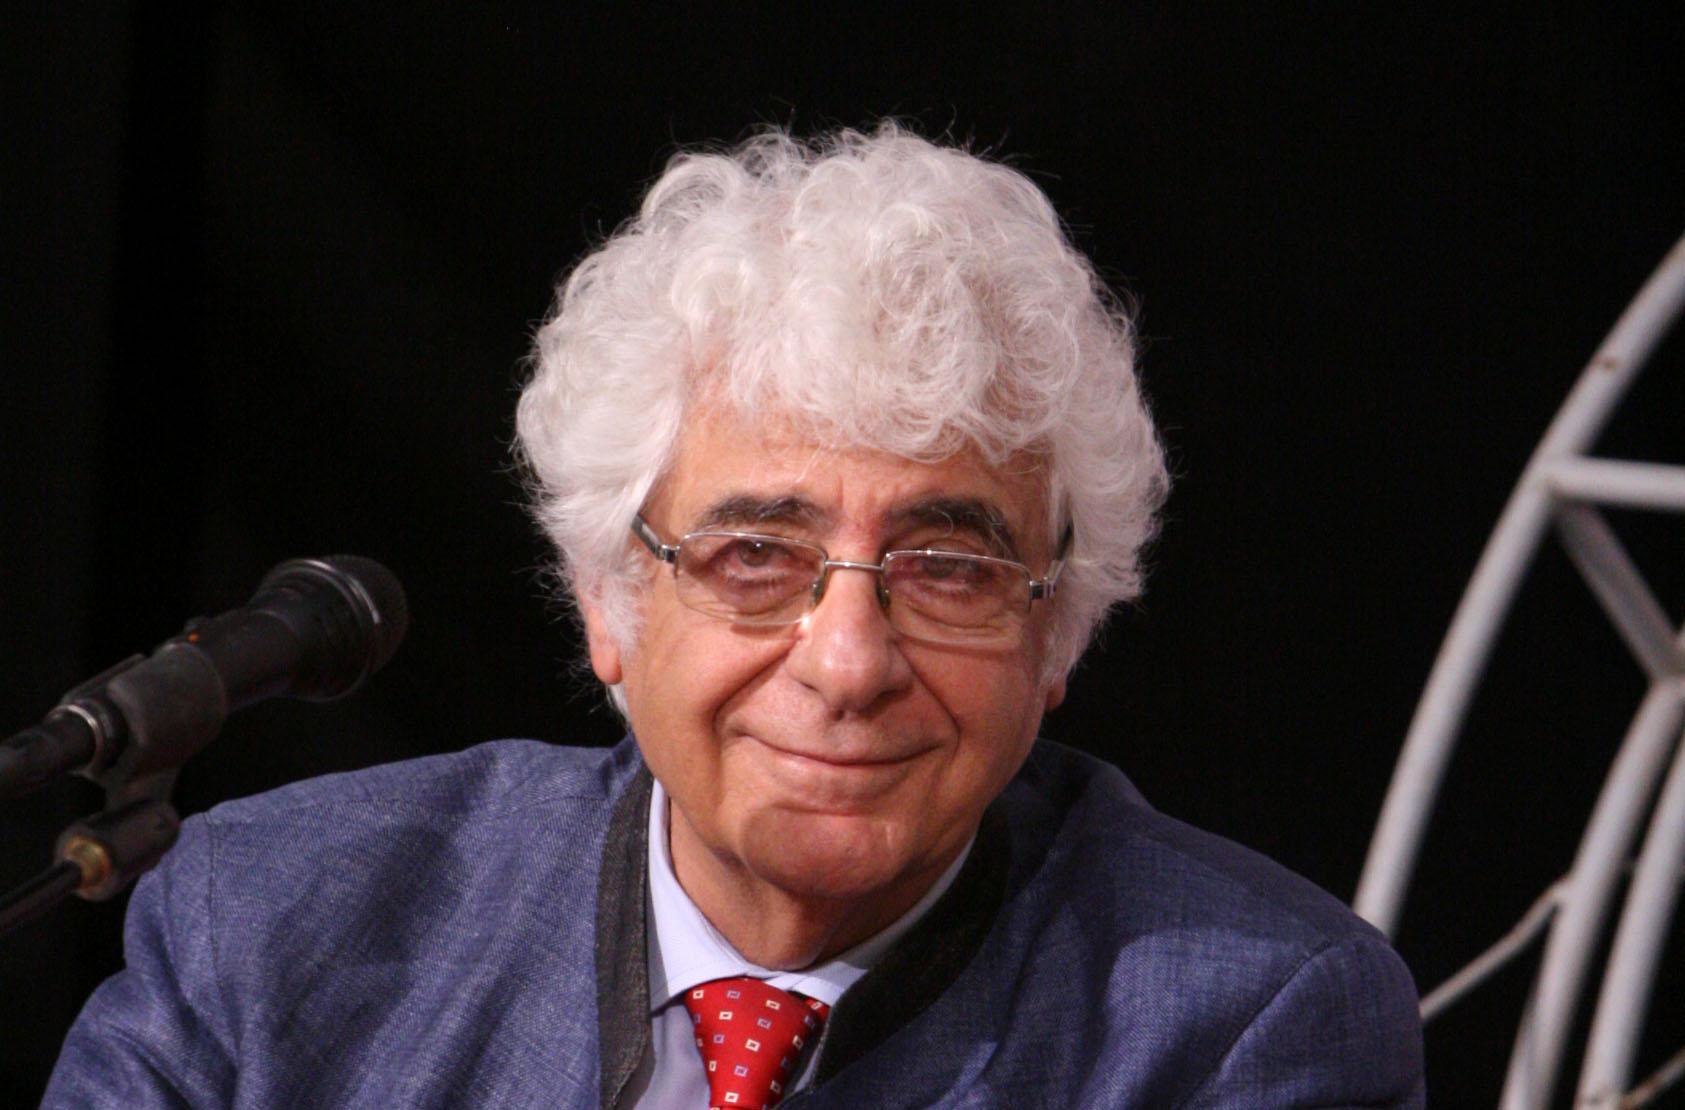 ارکستر سمفونیک «البرز» برای کنسرت «شب لوریس چکناواریان» آماده میشود